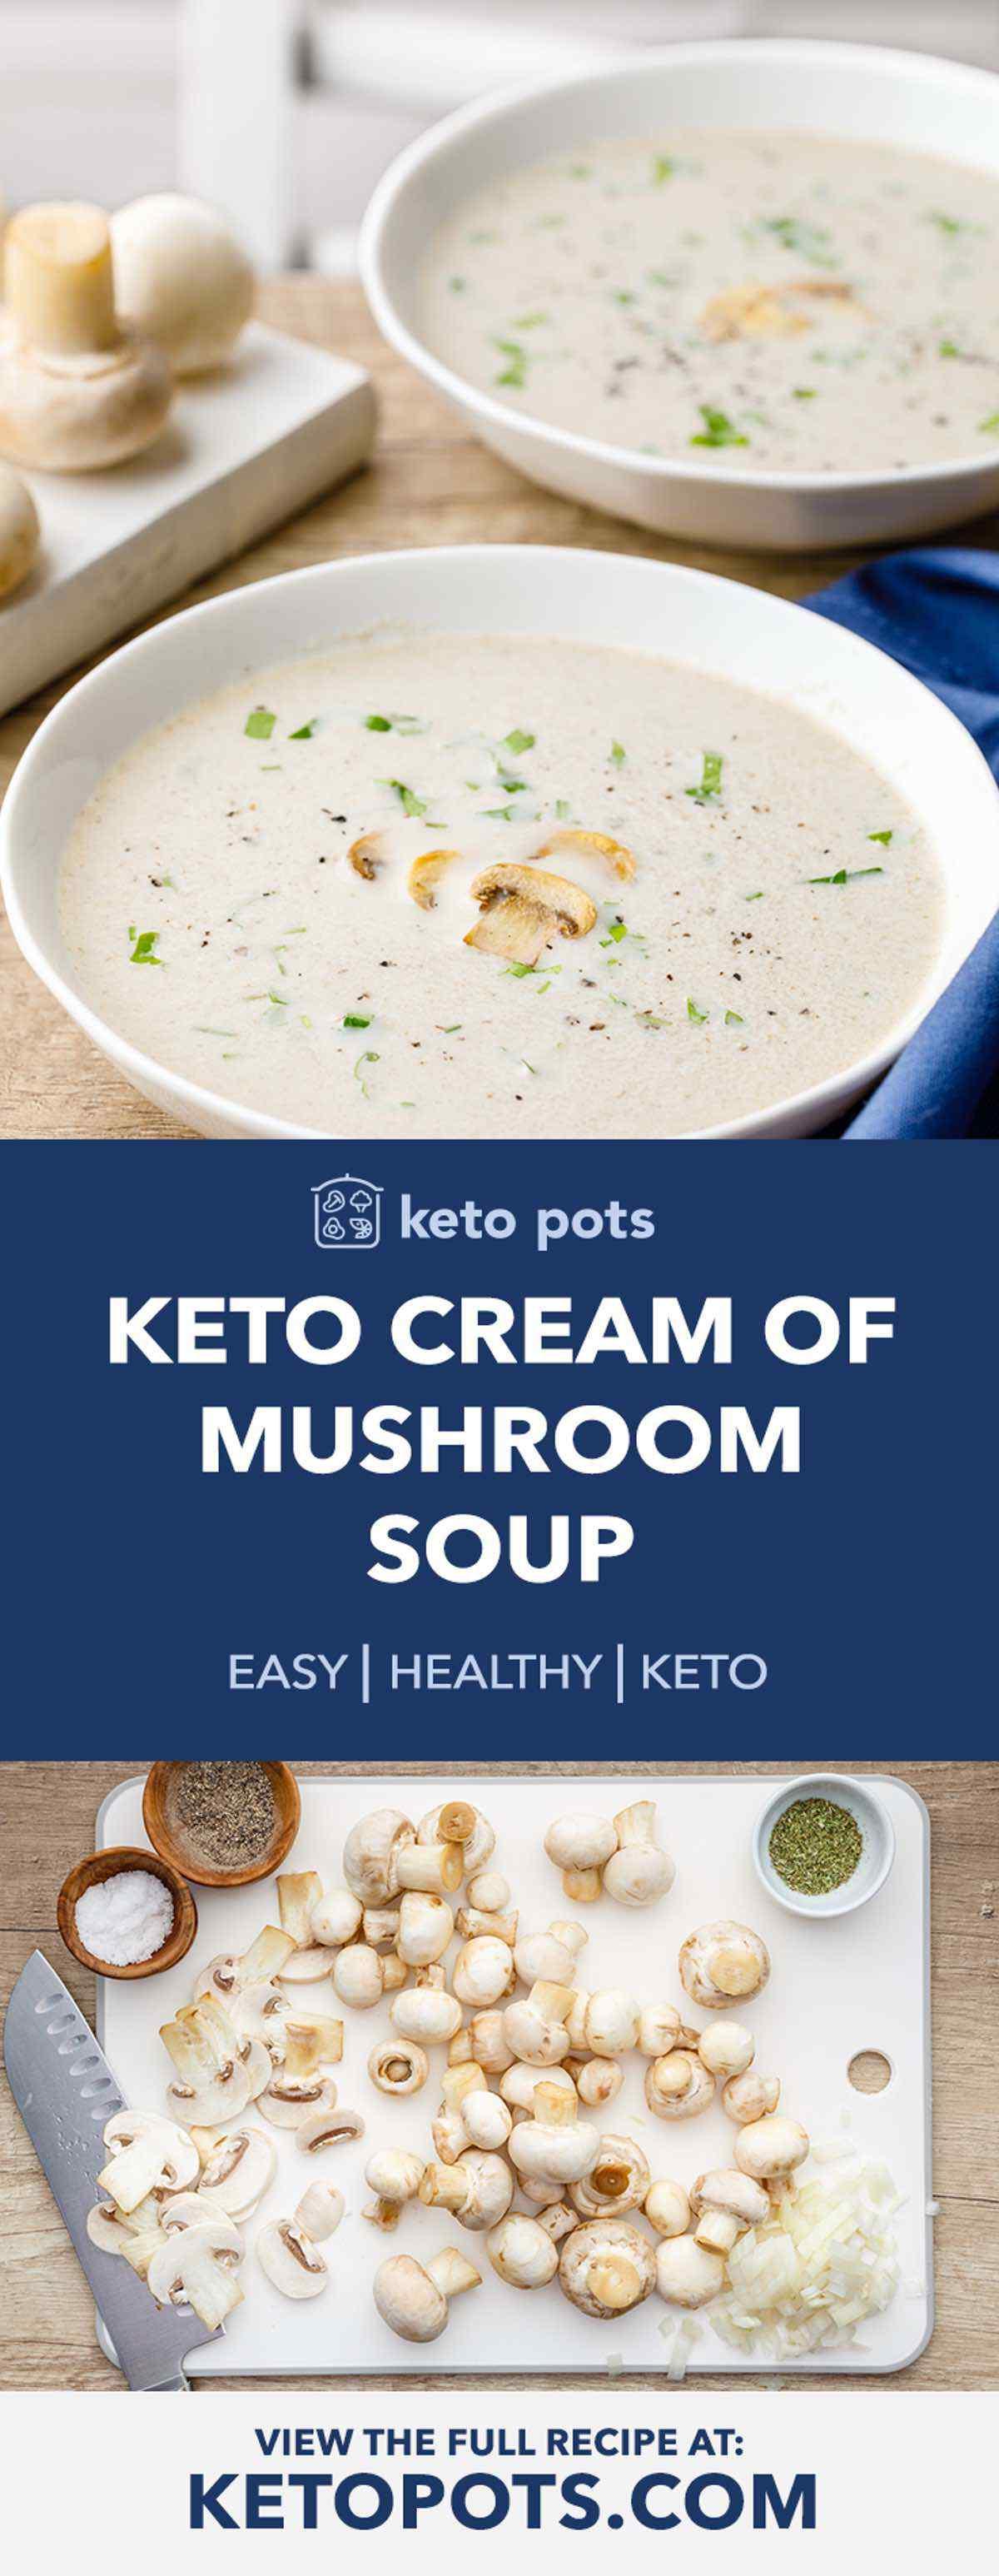 Homemade Keto Cream of Mushroom Soup